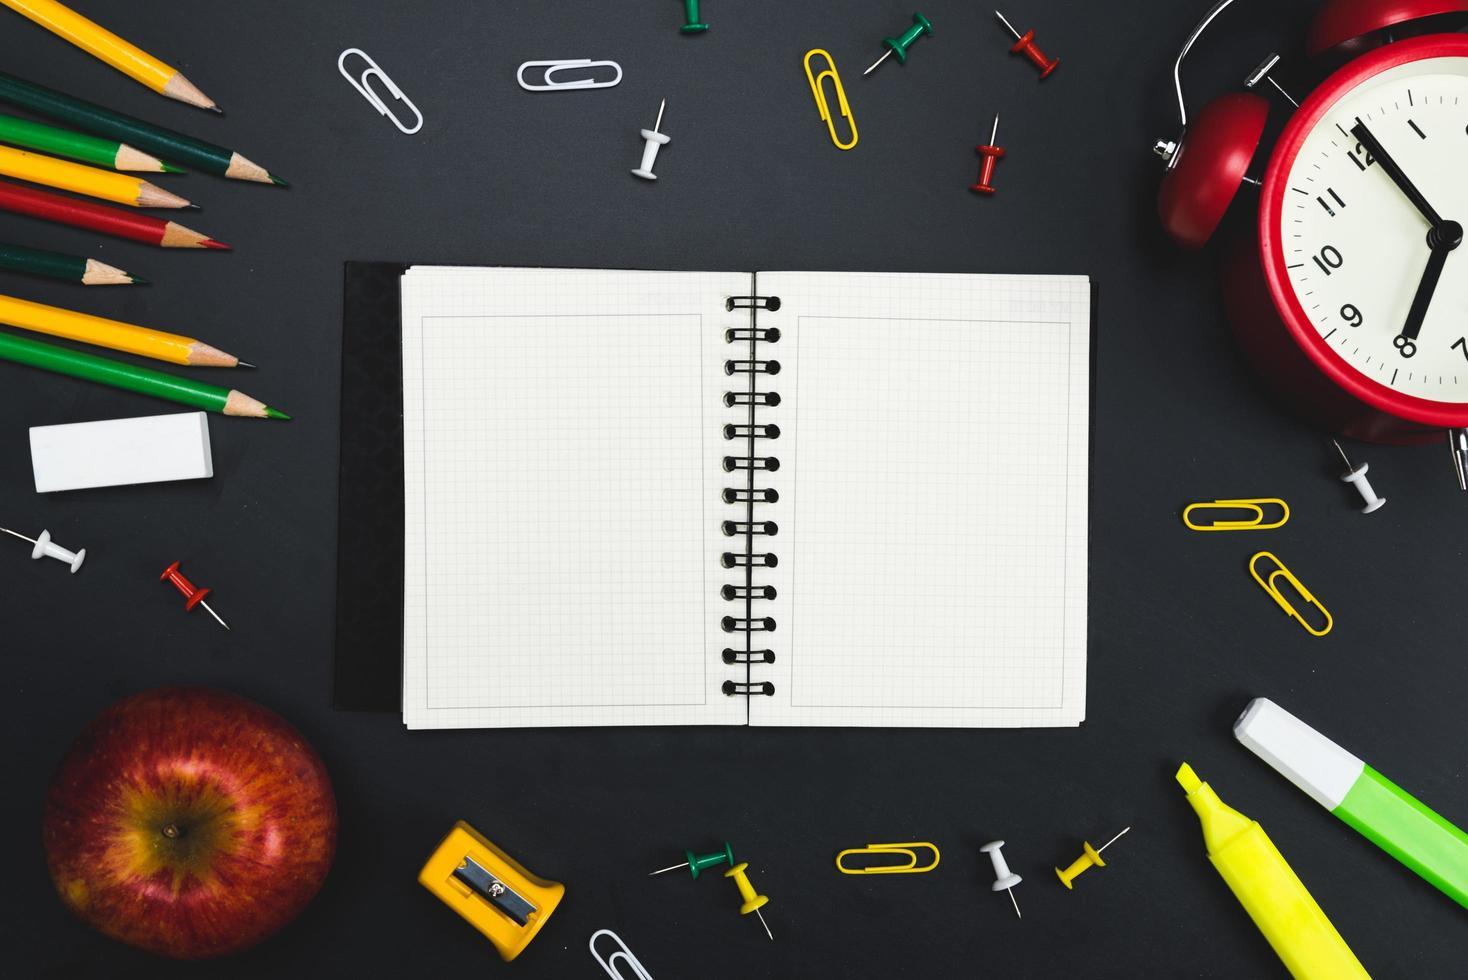 flaches Notizbuch, umgeben von Schulmaterial foto